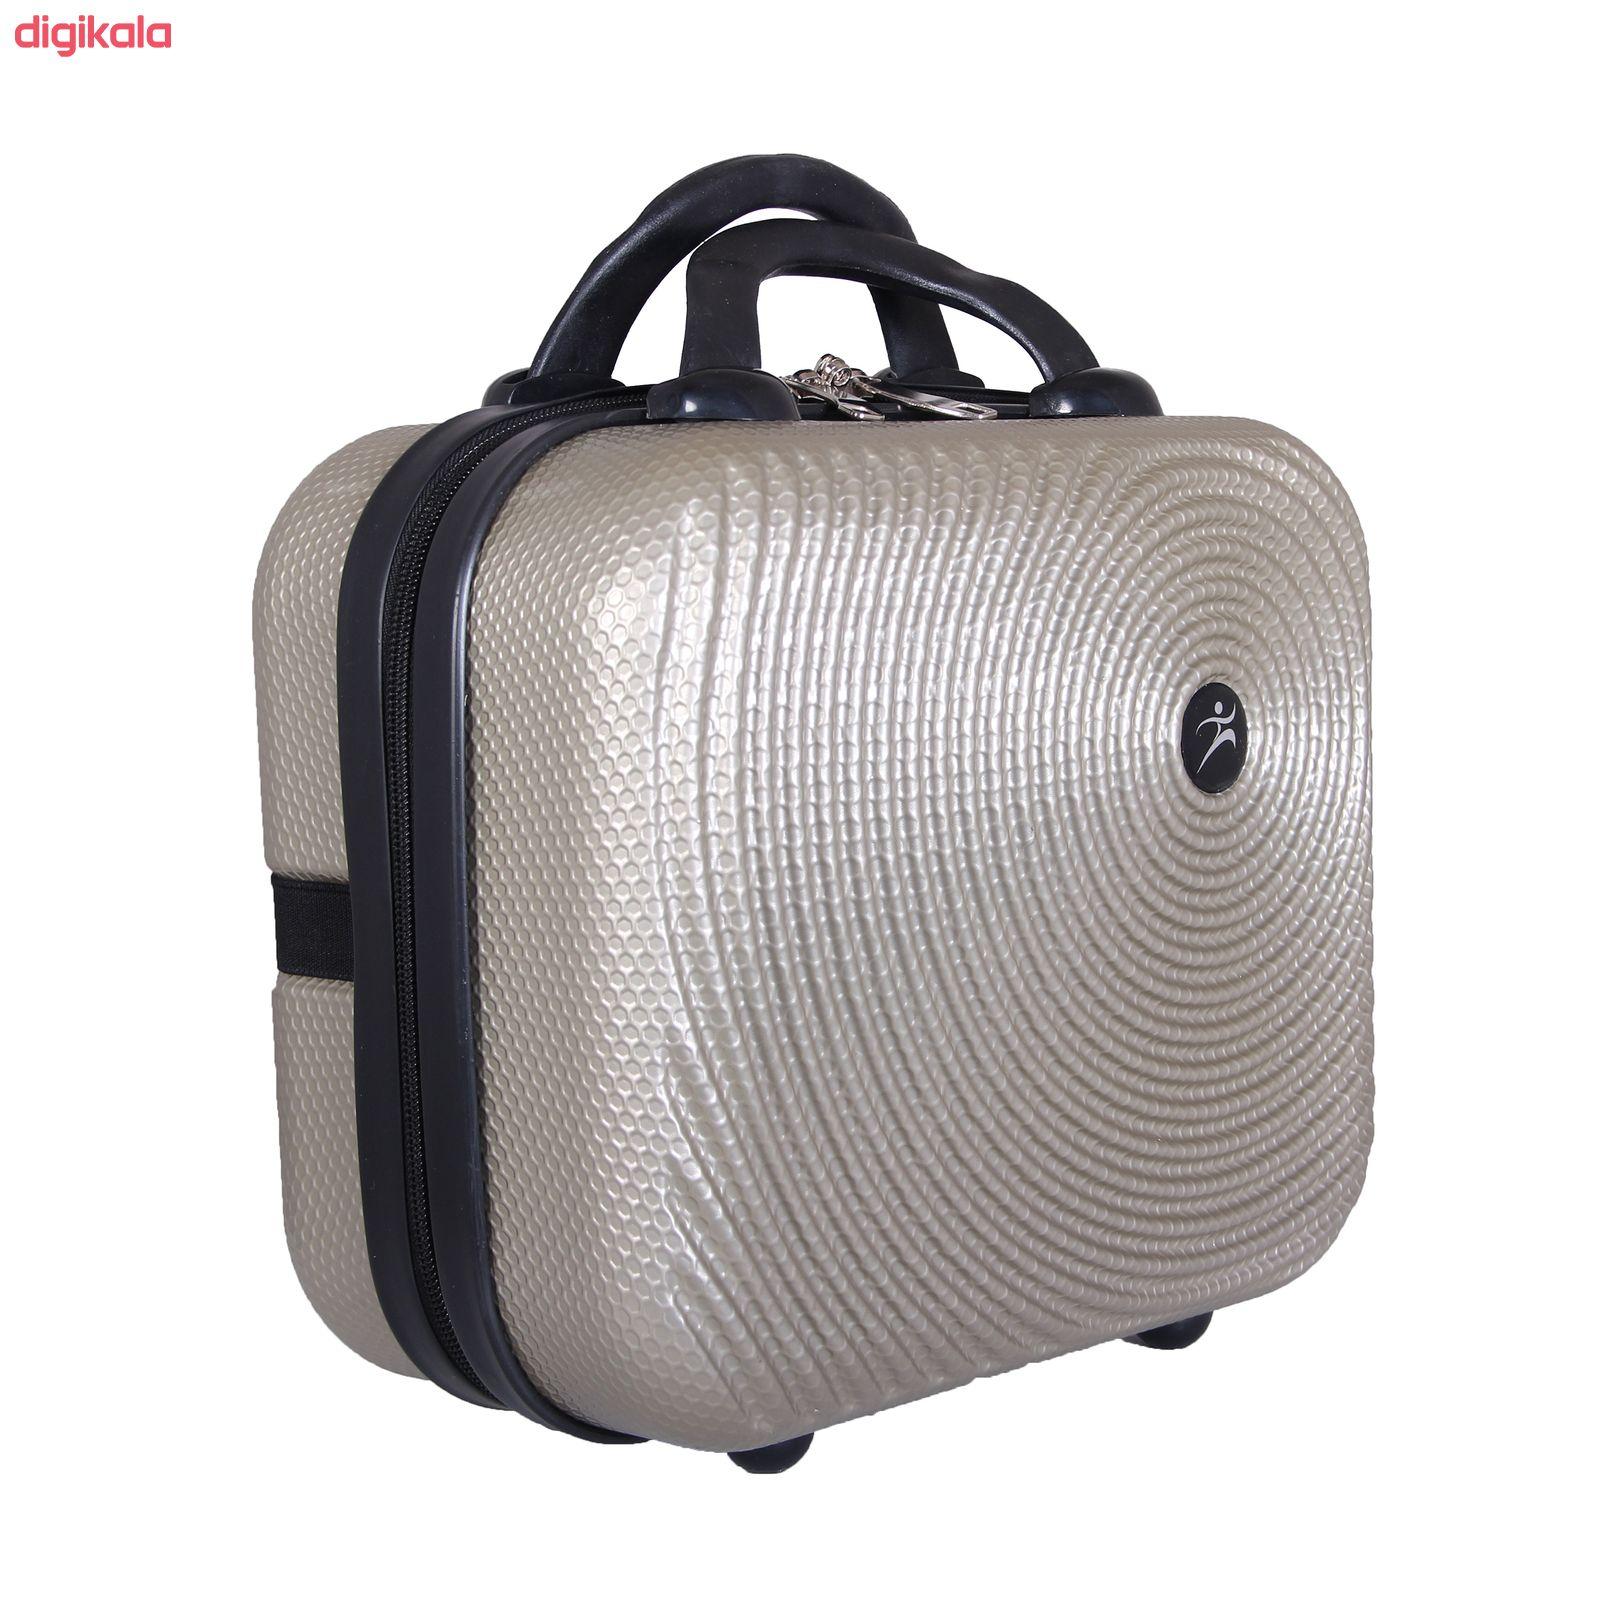 مجموعه چهار عددی چمدان اسپرت من مدل NS001 main 1 45